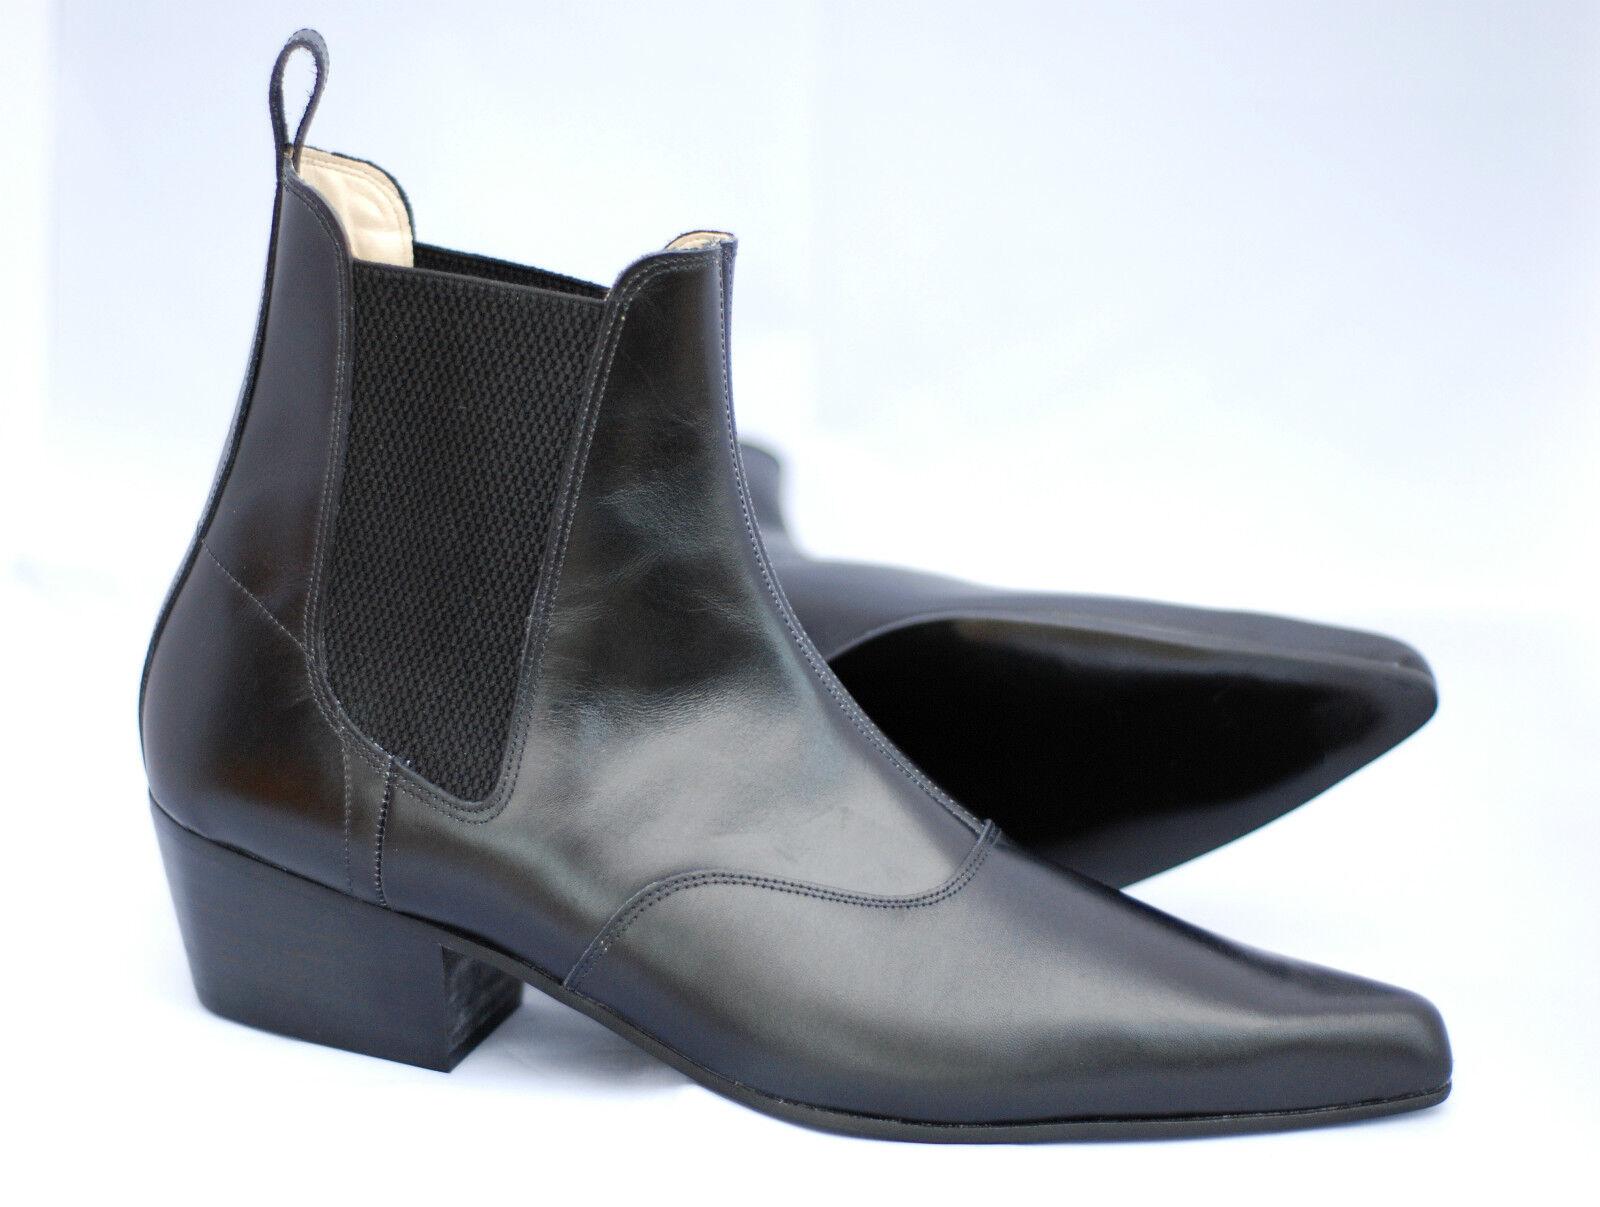 Mens Retro Sole Black Leather Beat Mod Beatle Winklepicker Boots with Cuban Heel